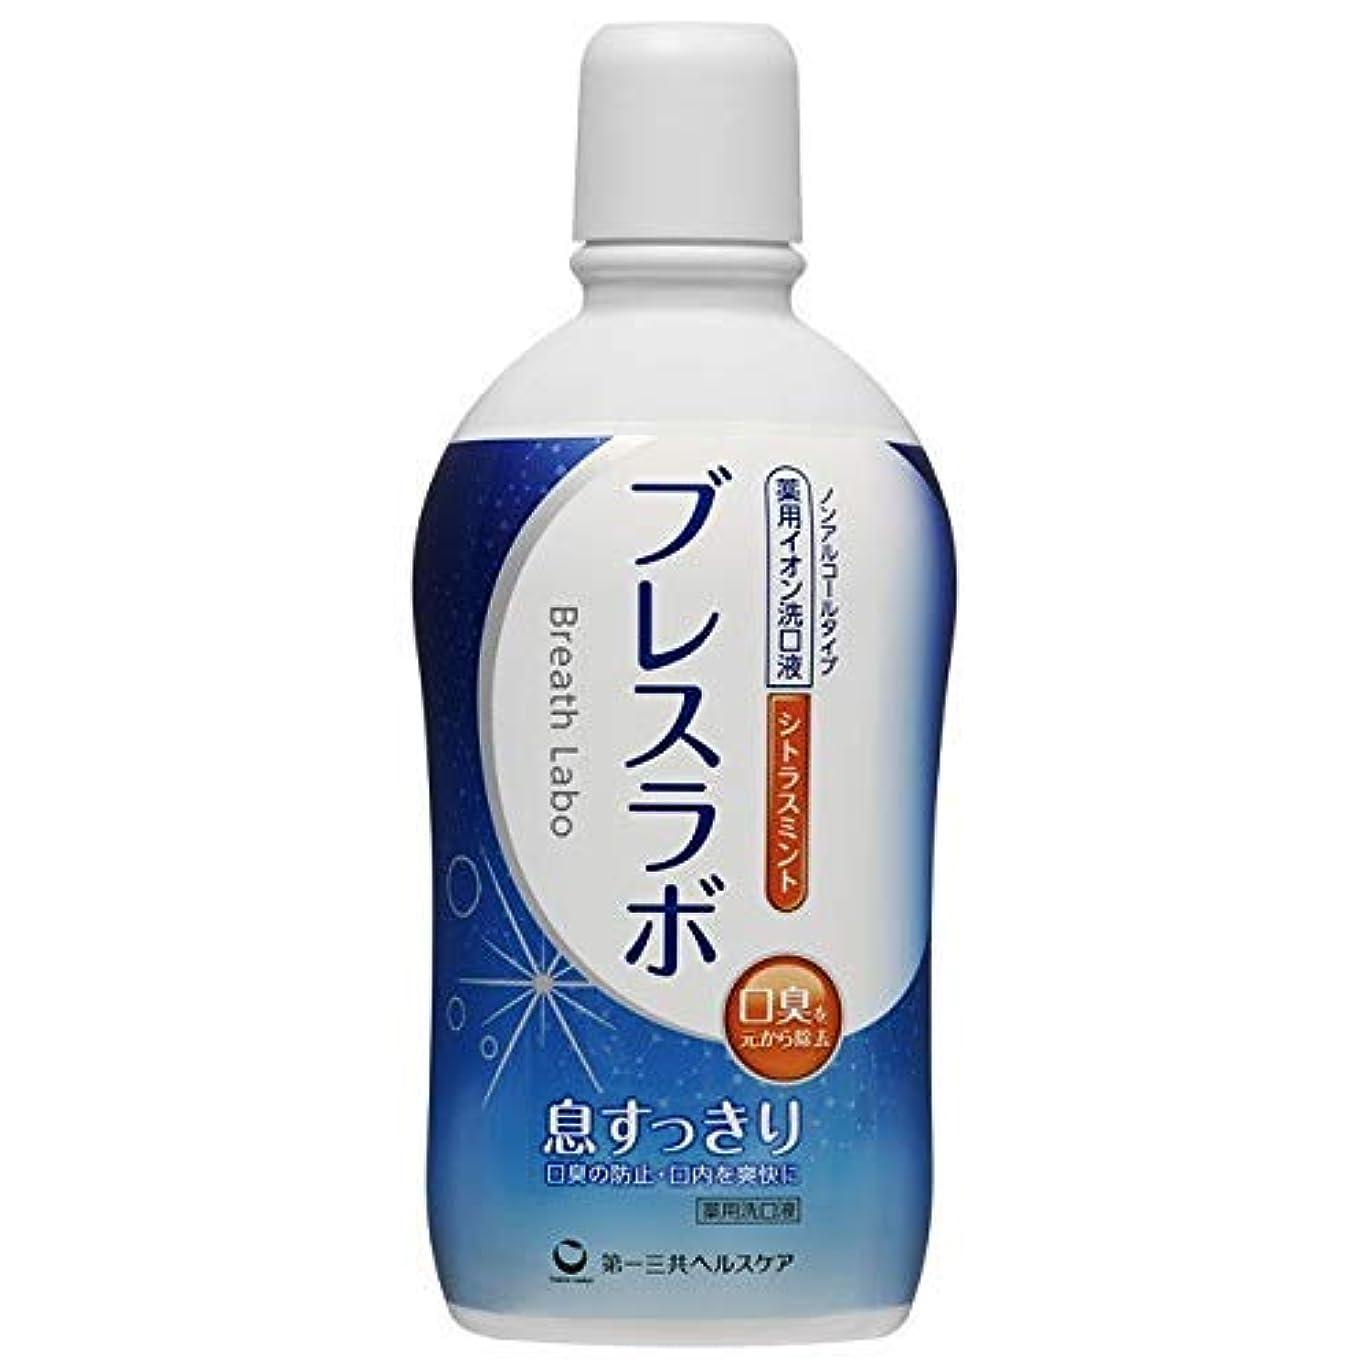 第一三共ヘルスケア 薬用イオン洗口液 ブレスラボ マウスウォッシュ シトラスミント 450mL